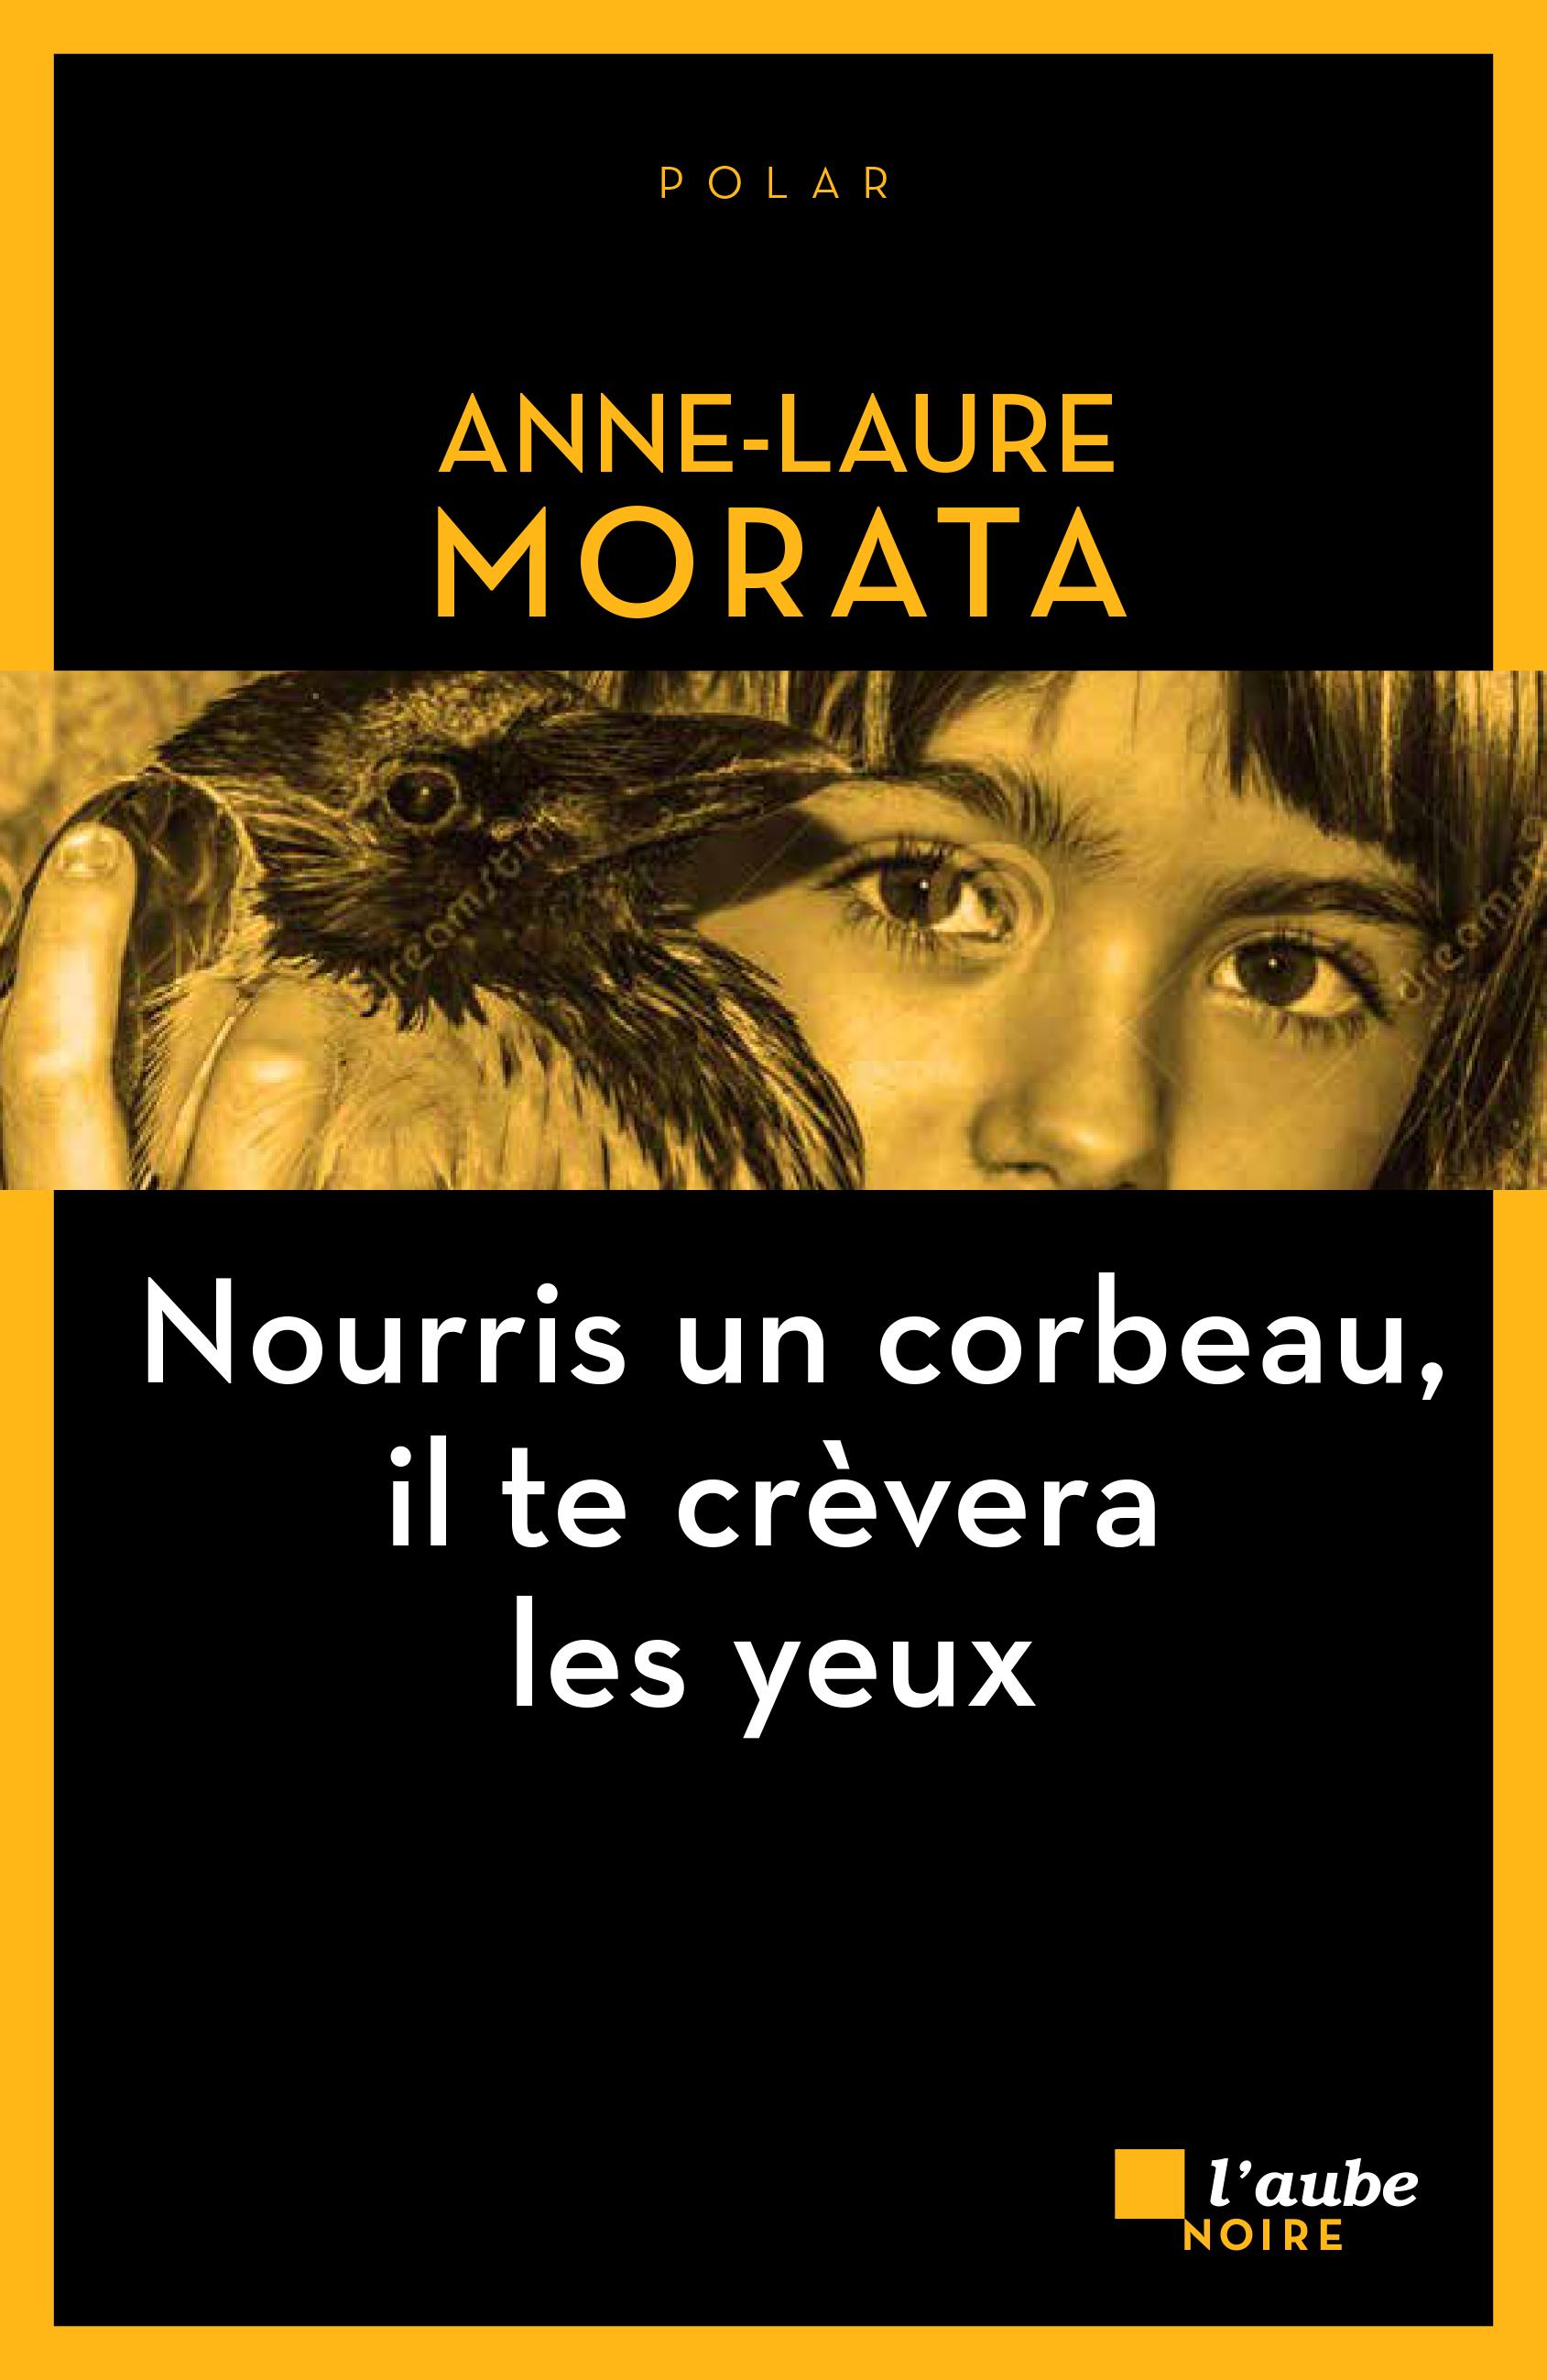 Nourris un corbeau, il te crèvera les yeux | MORATA, Anne-Laure